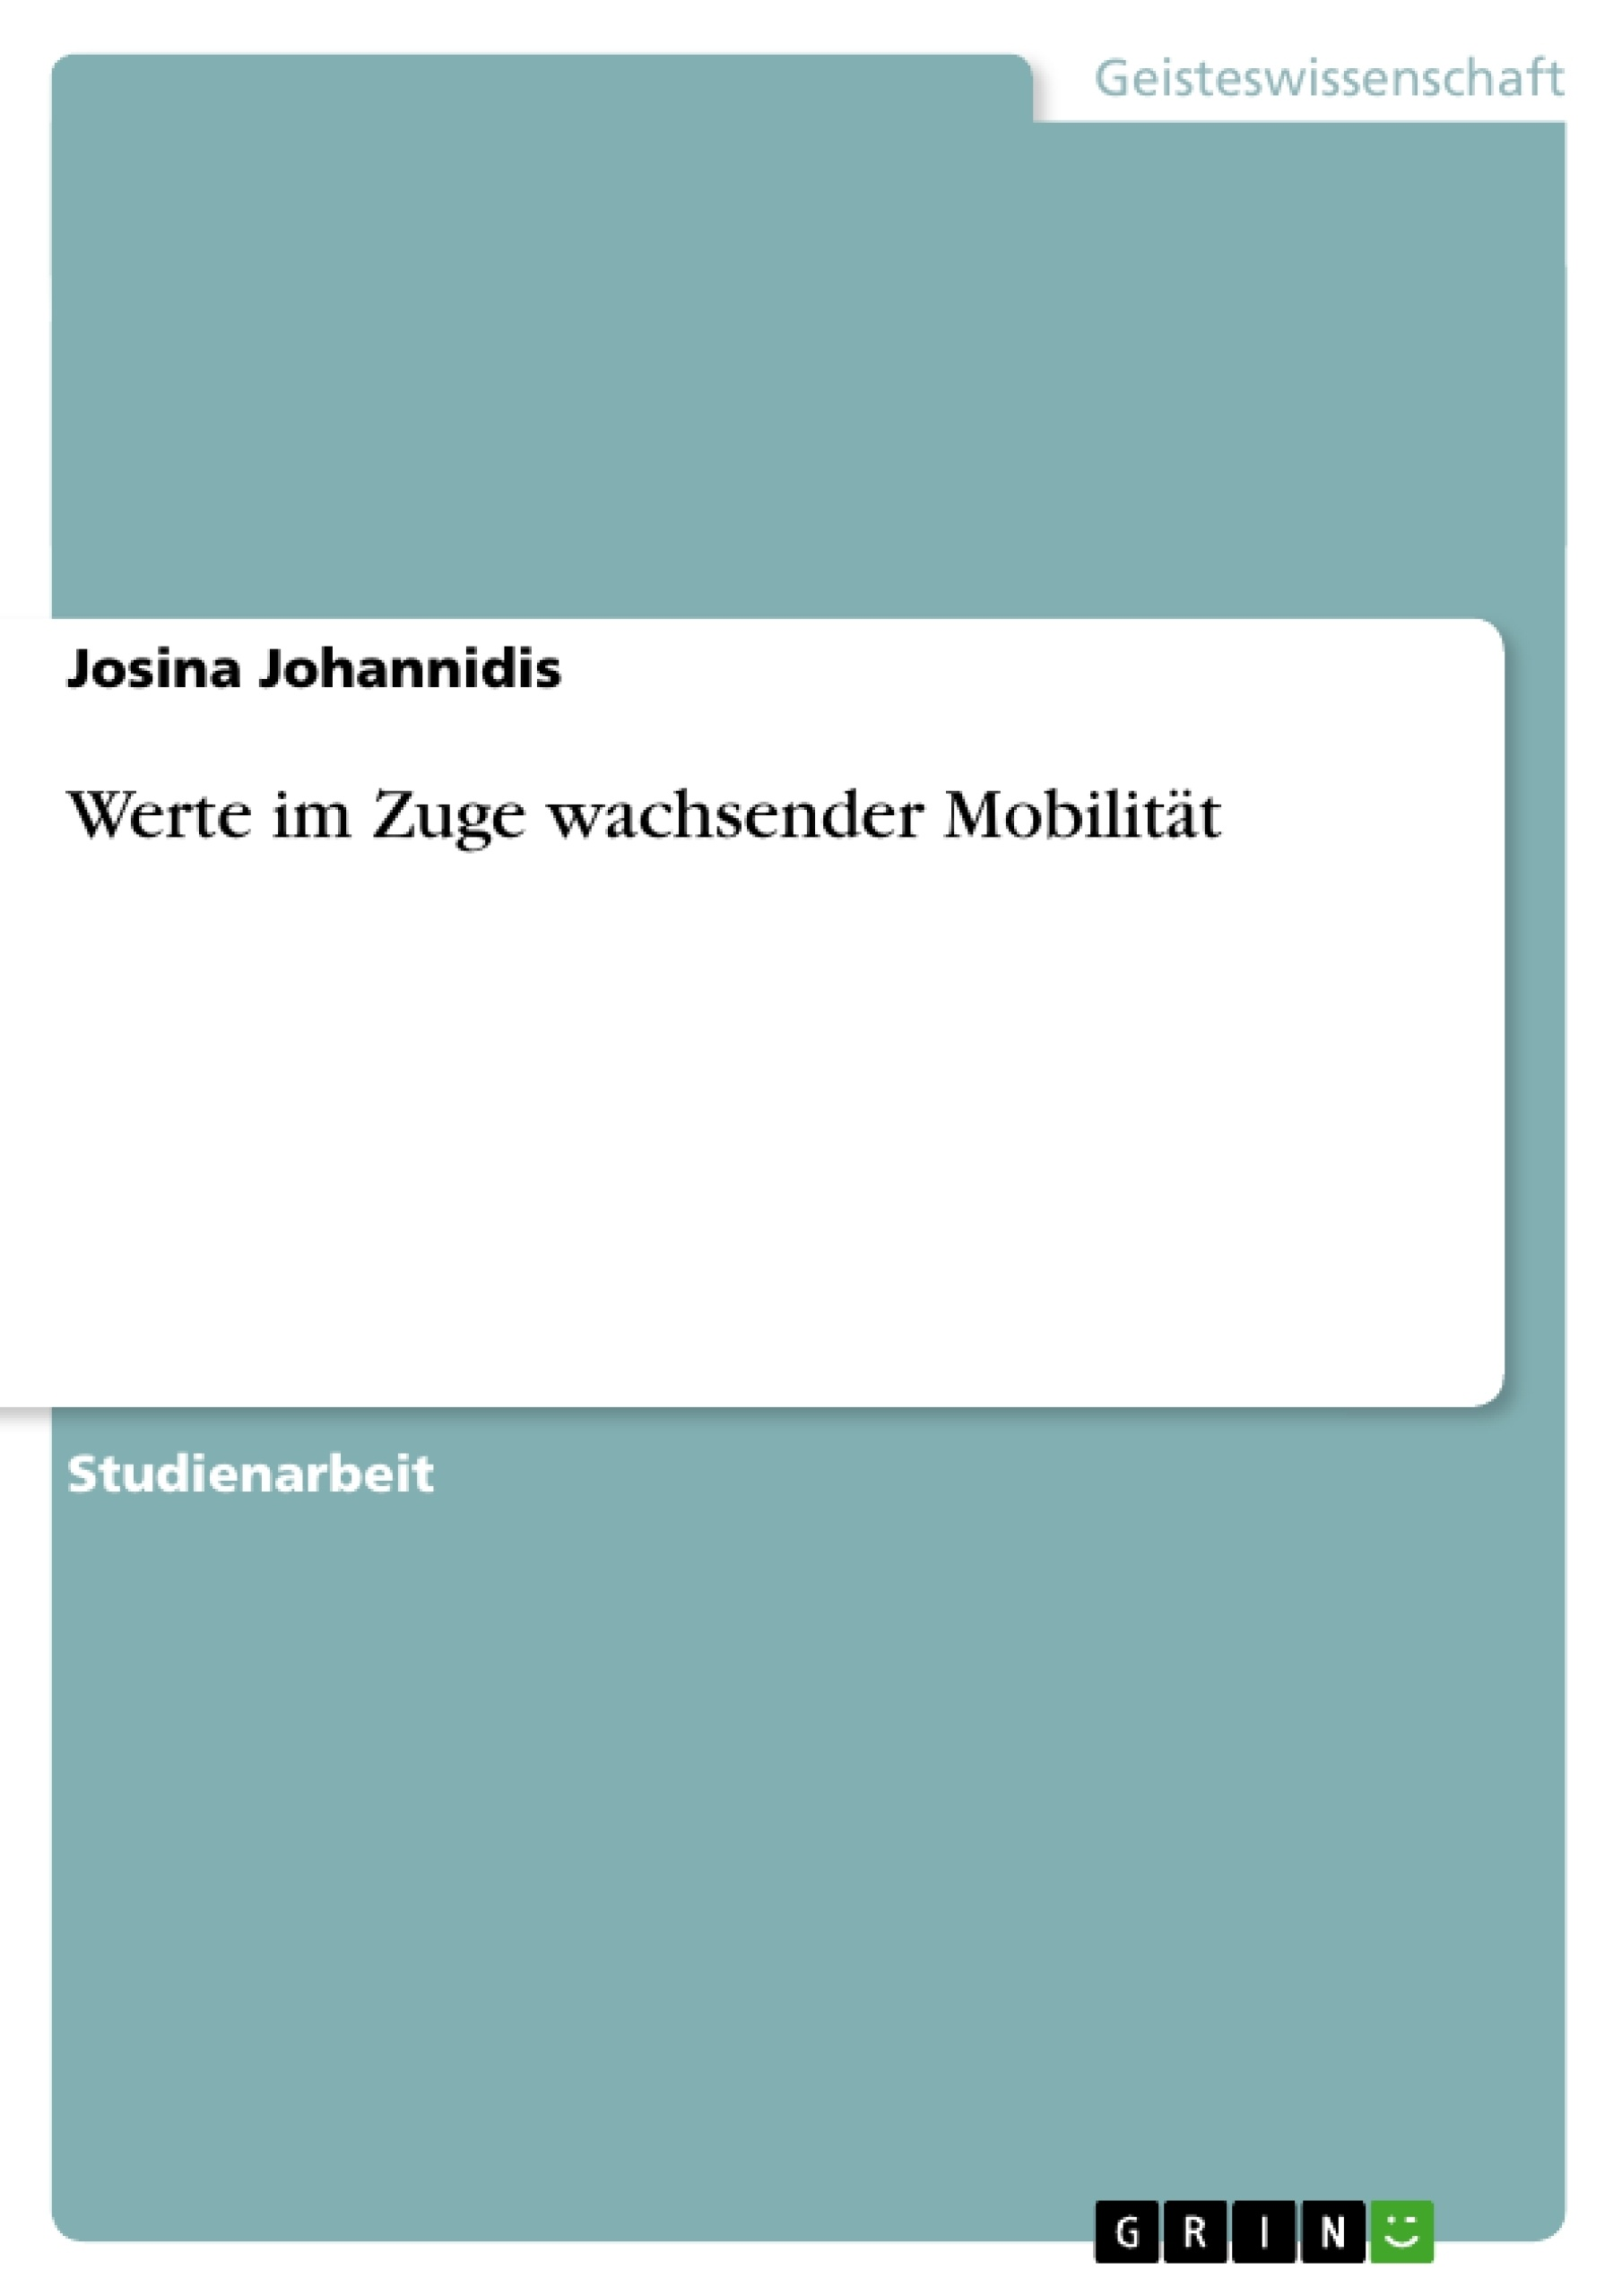 Titel: Werte im Zuge wachsender Mobilität